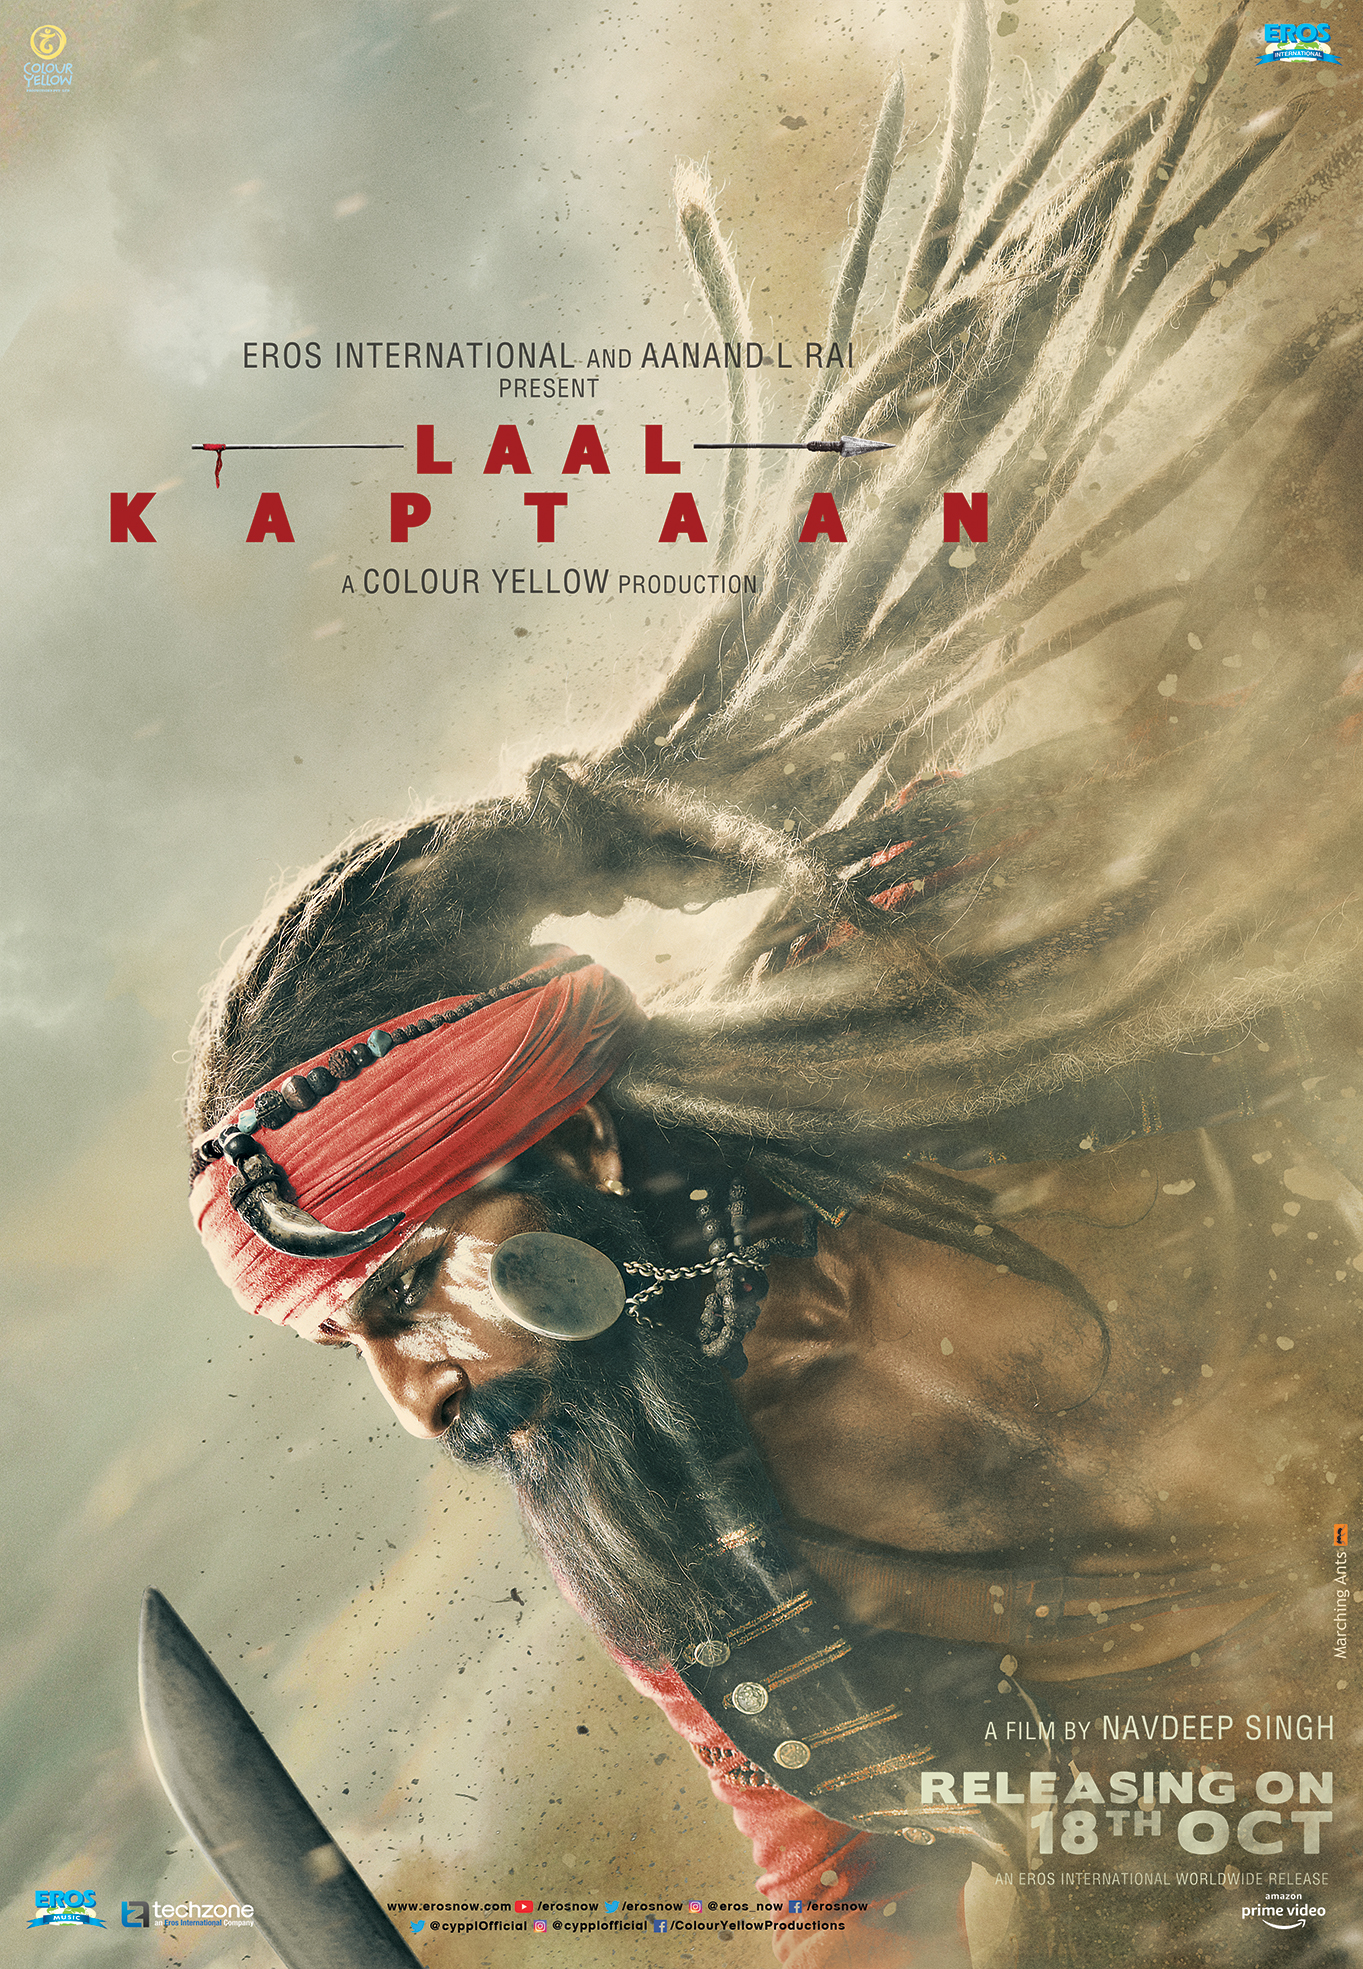 فيلم Laal Kaptaan 2019 مترجم بدون اعلانات